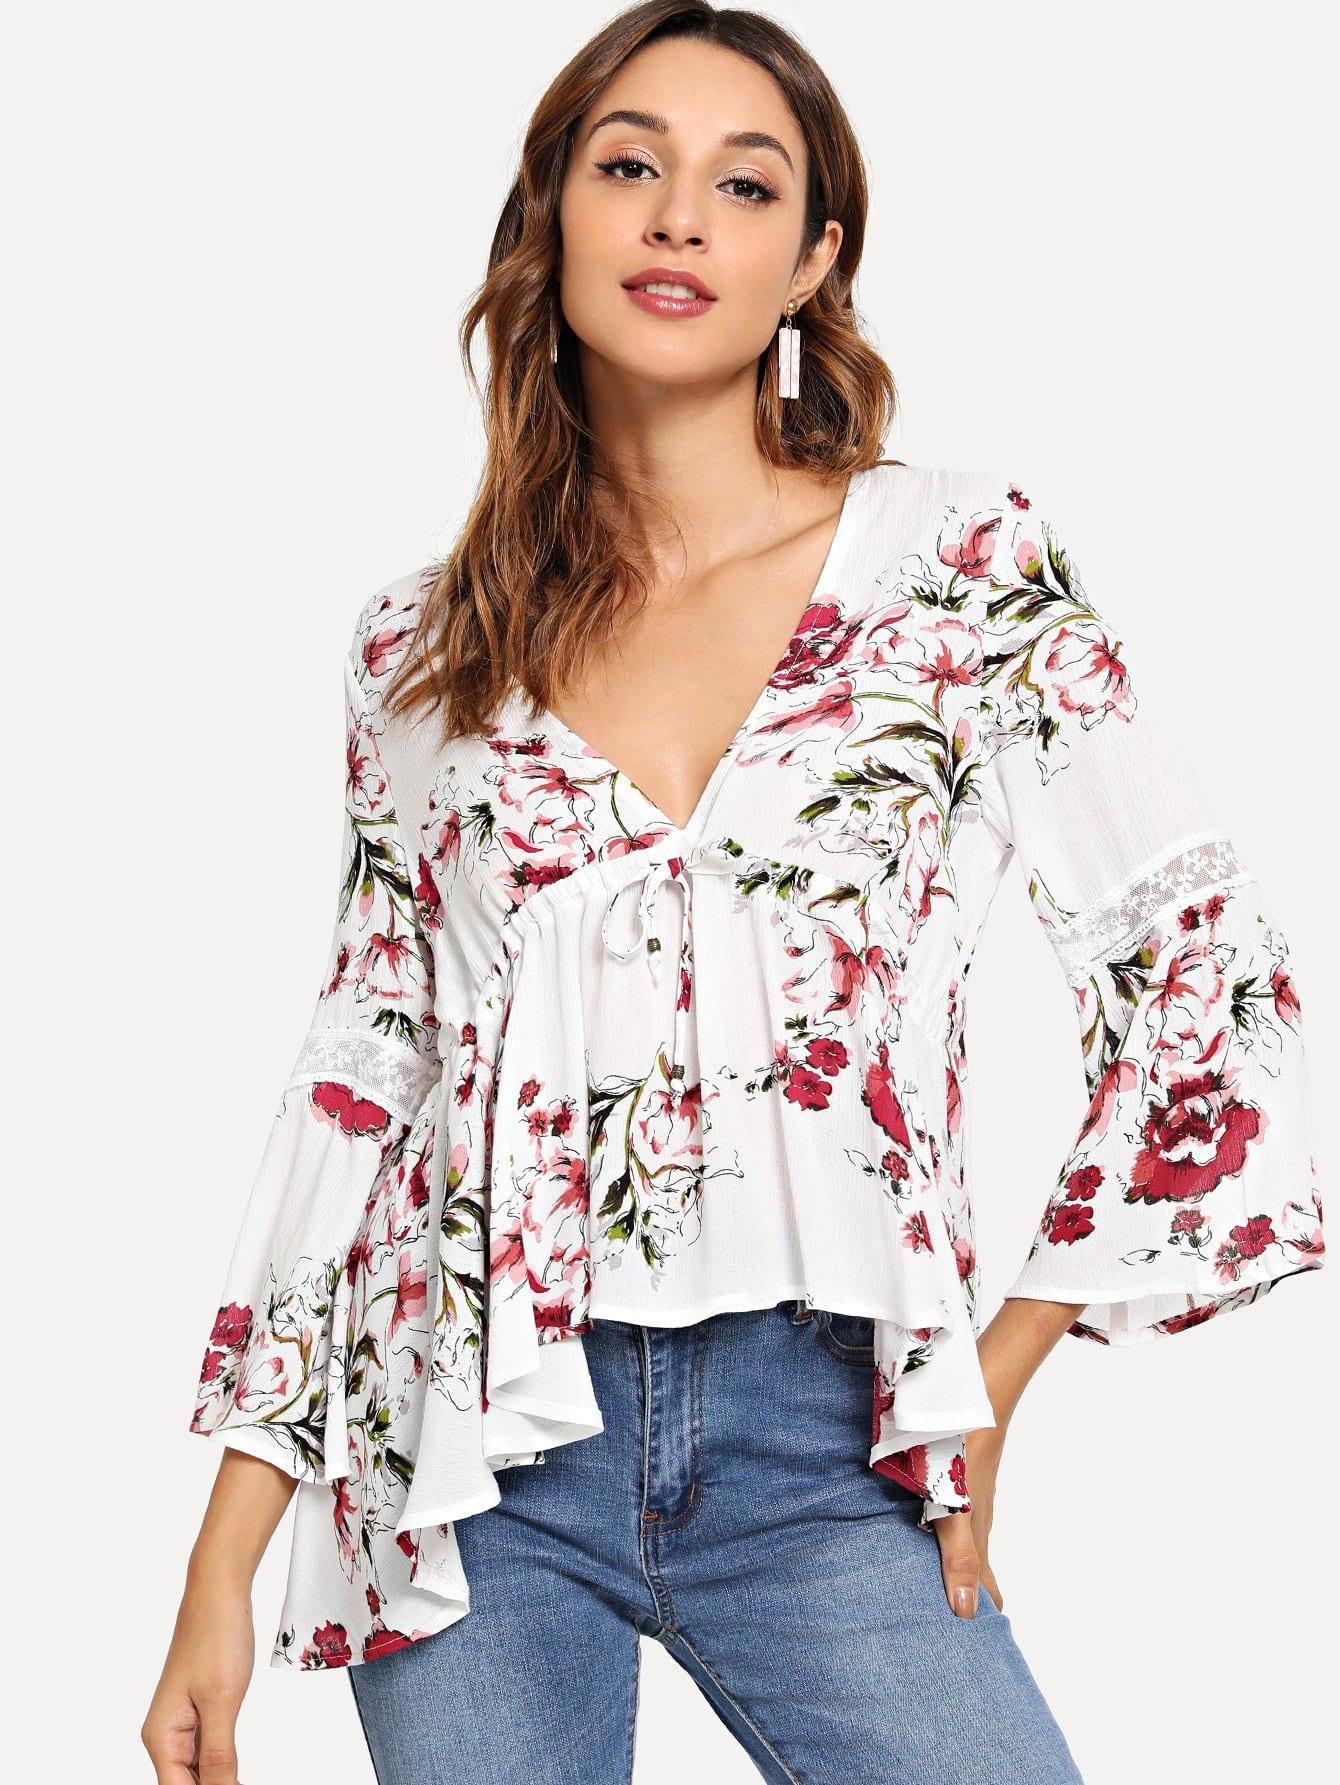 Купить Вставки сетки дизайн блузка с асимметричными оборками, Gabi B, SheIn